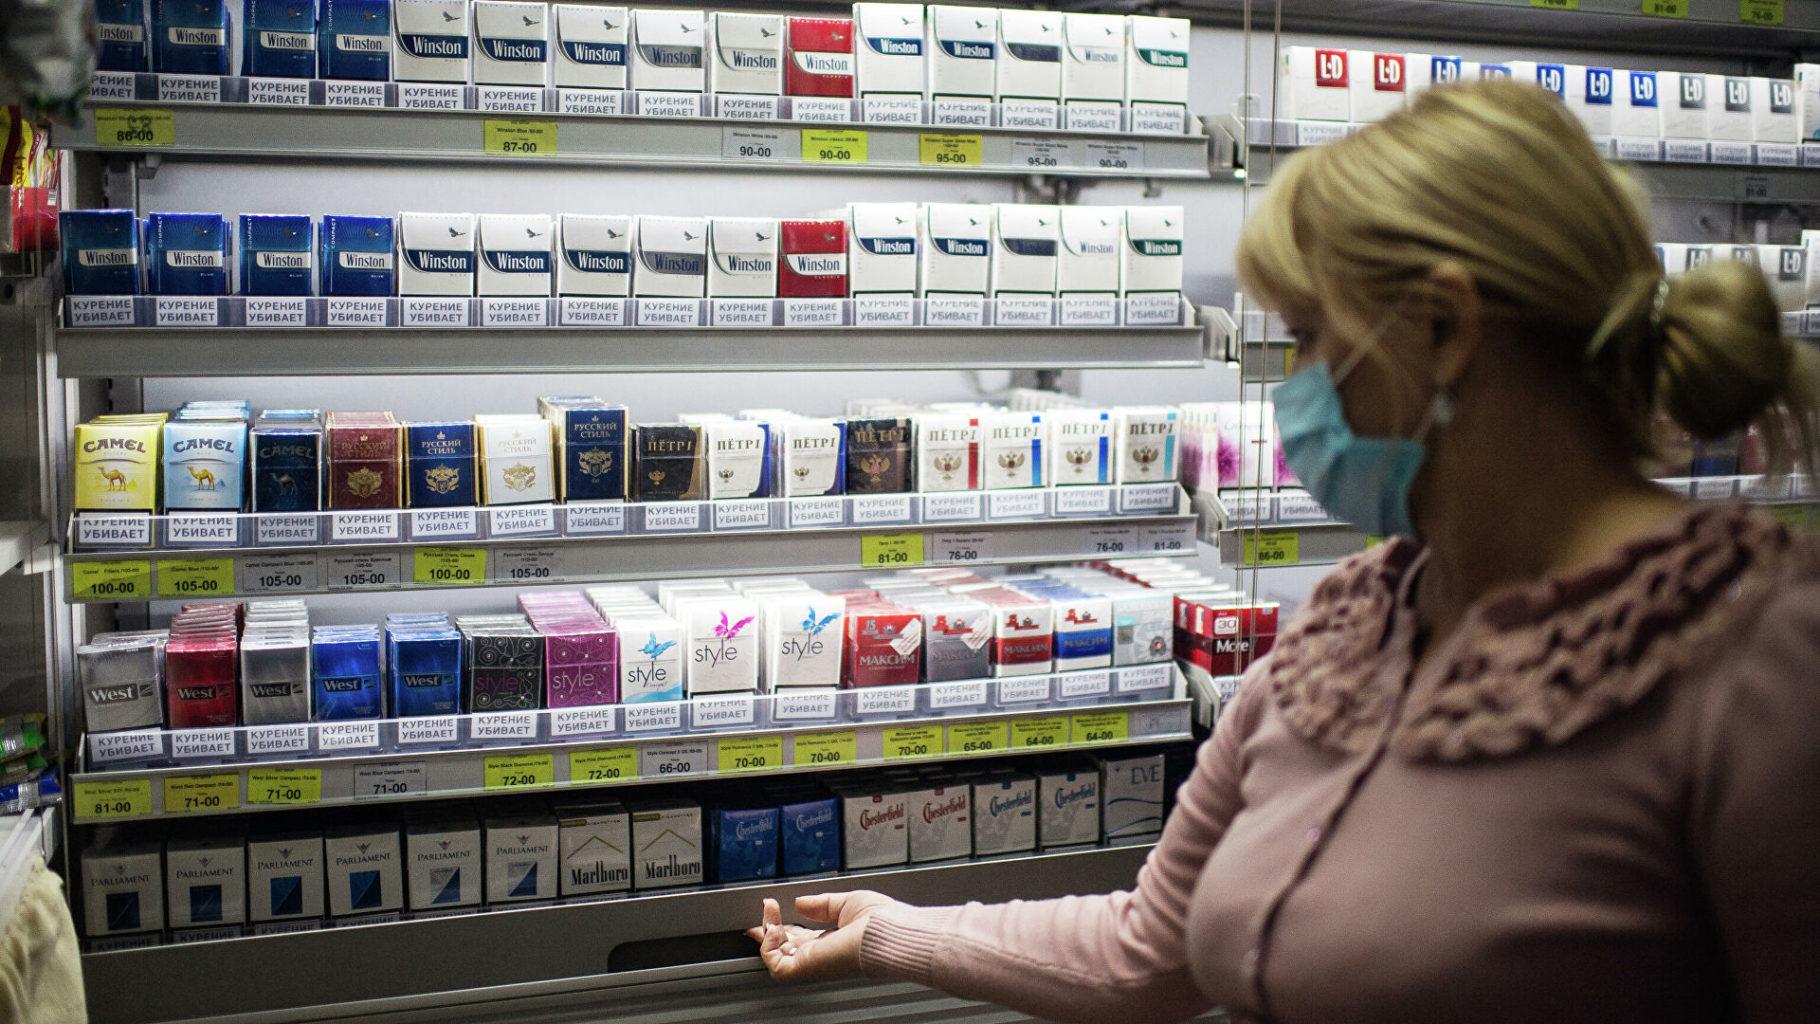 В Казахстане запретят выкладывать сигареты на открытые прилавки